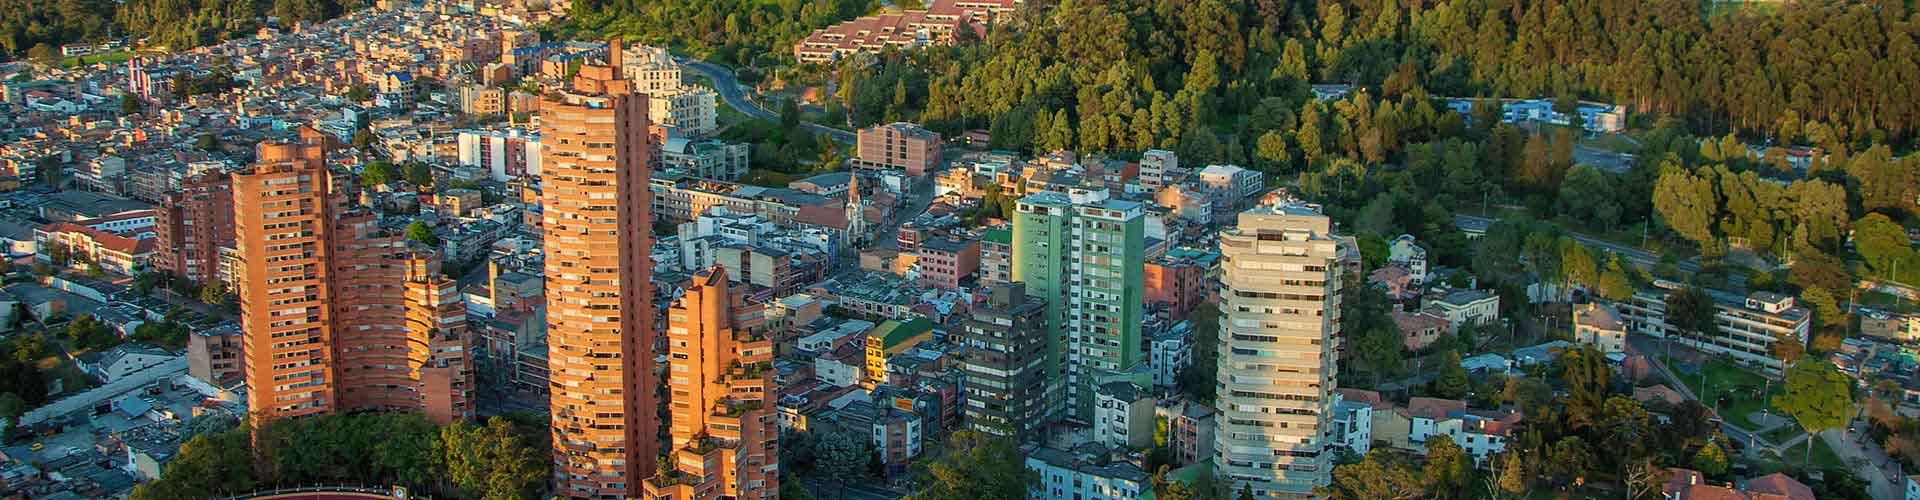 Bogotá - Albergues Juveniles en Bogotá. Mapas de Bogotá, Fotos y Comentarios para cada Albergue Juvenil en Bogotá.